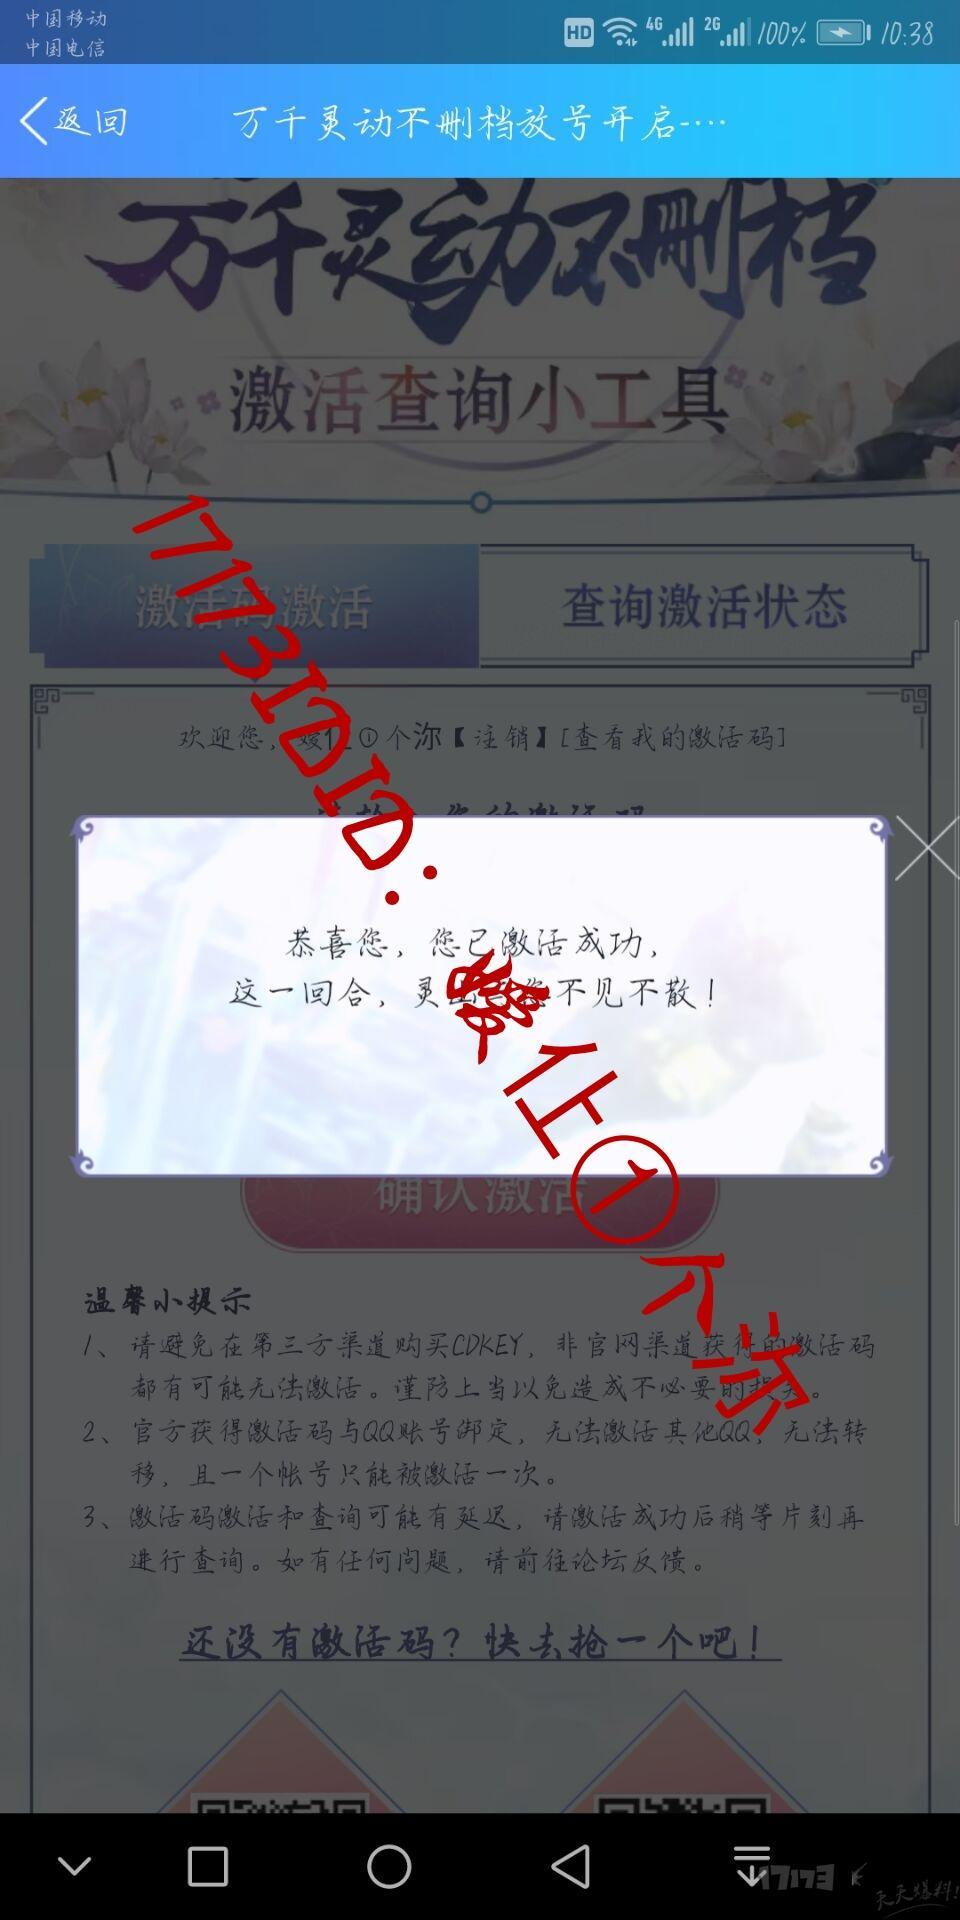 -765f1460e4537f27_mh1527227736882.jpg